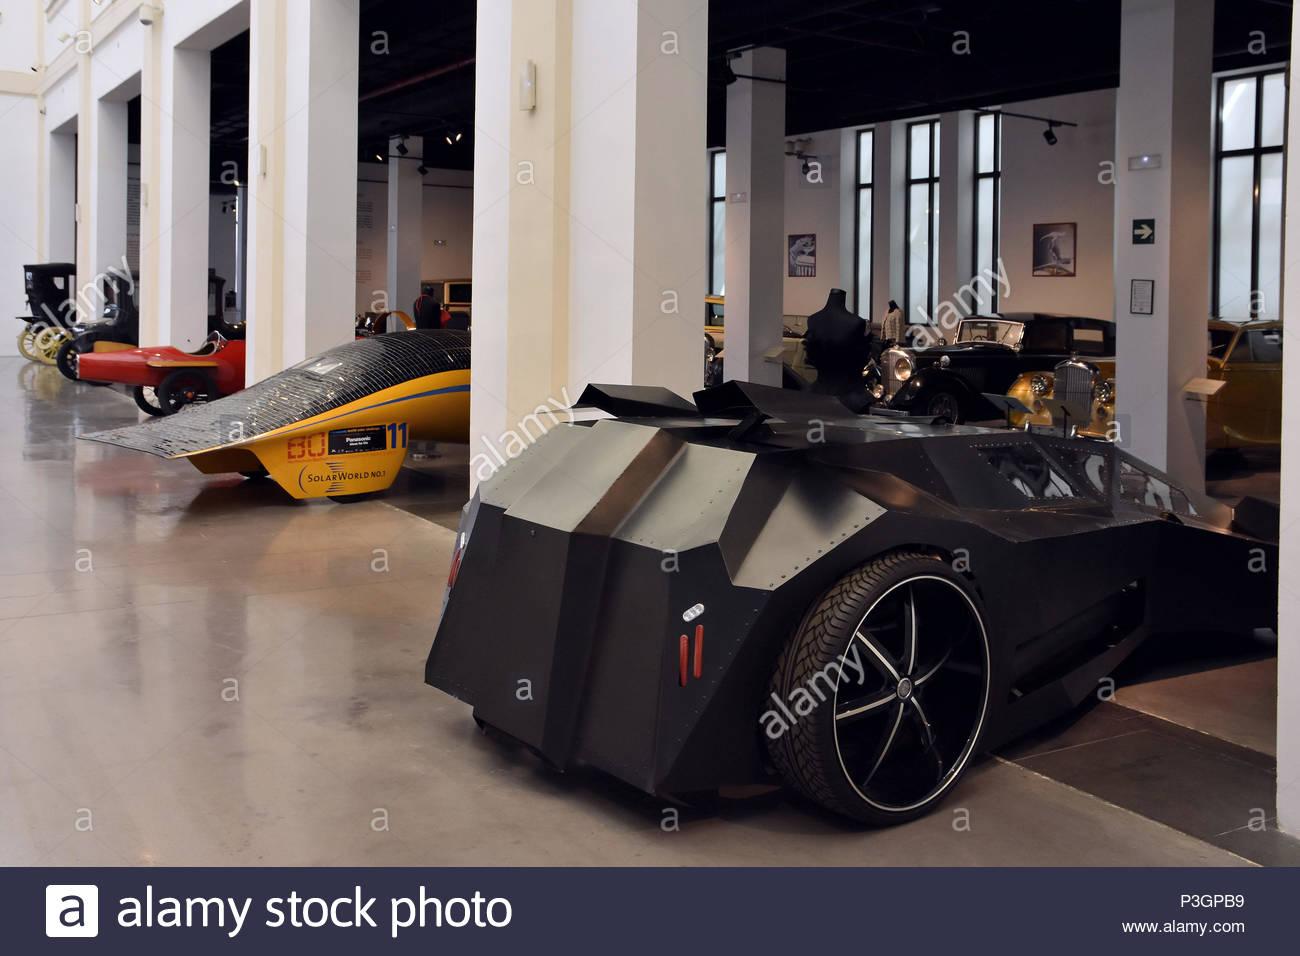 Star Wars prototype de voiture à air comprimé affichée à l Musée de l'automobile (Museo Automovilístico) à Malaga en Espagne l'Europe. Photo Stock